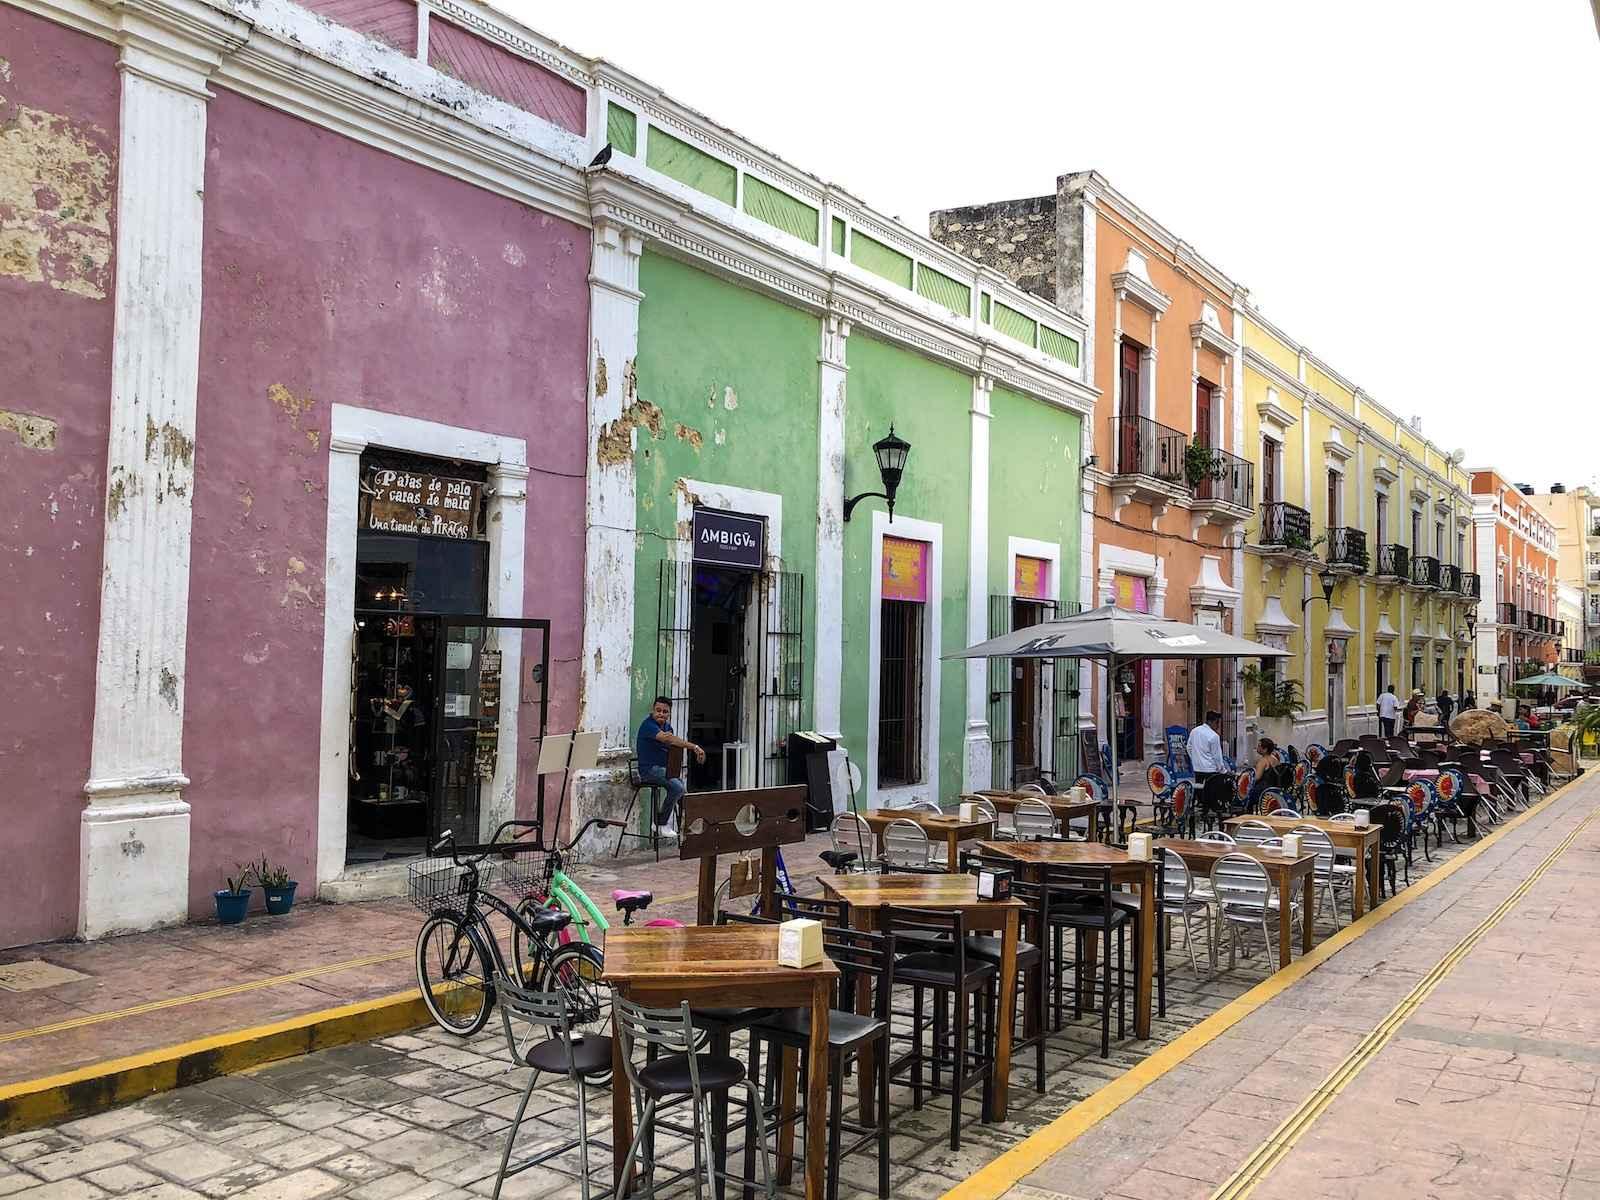 Campeche Mexico: een prachtige koloniale stad